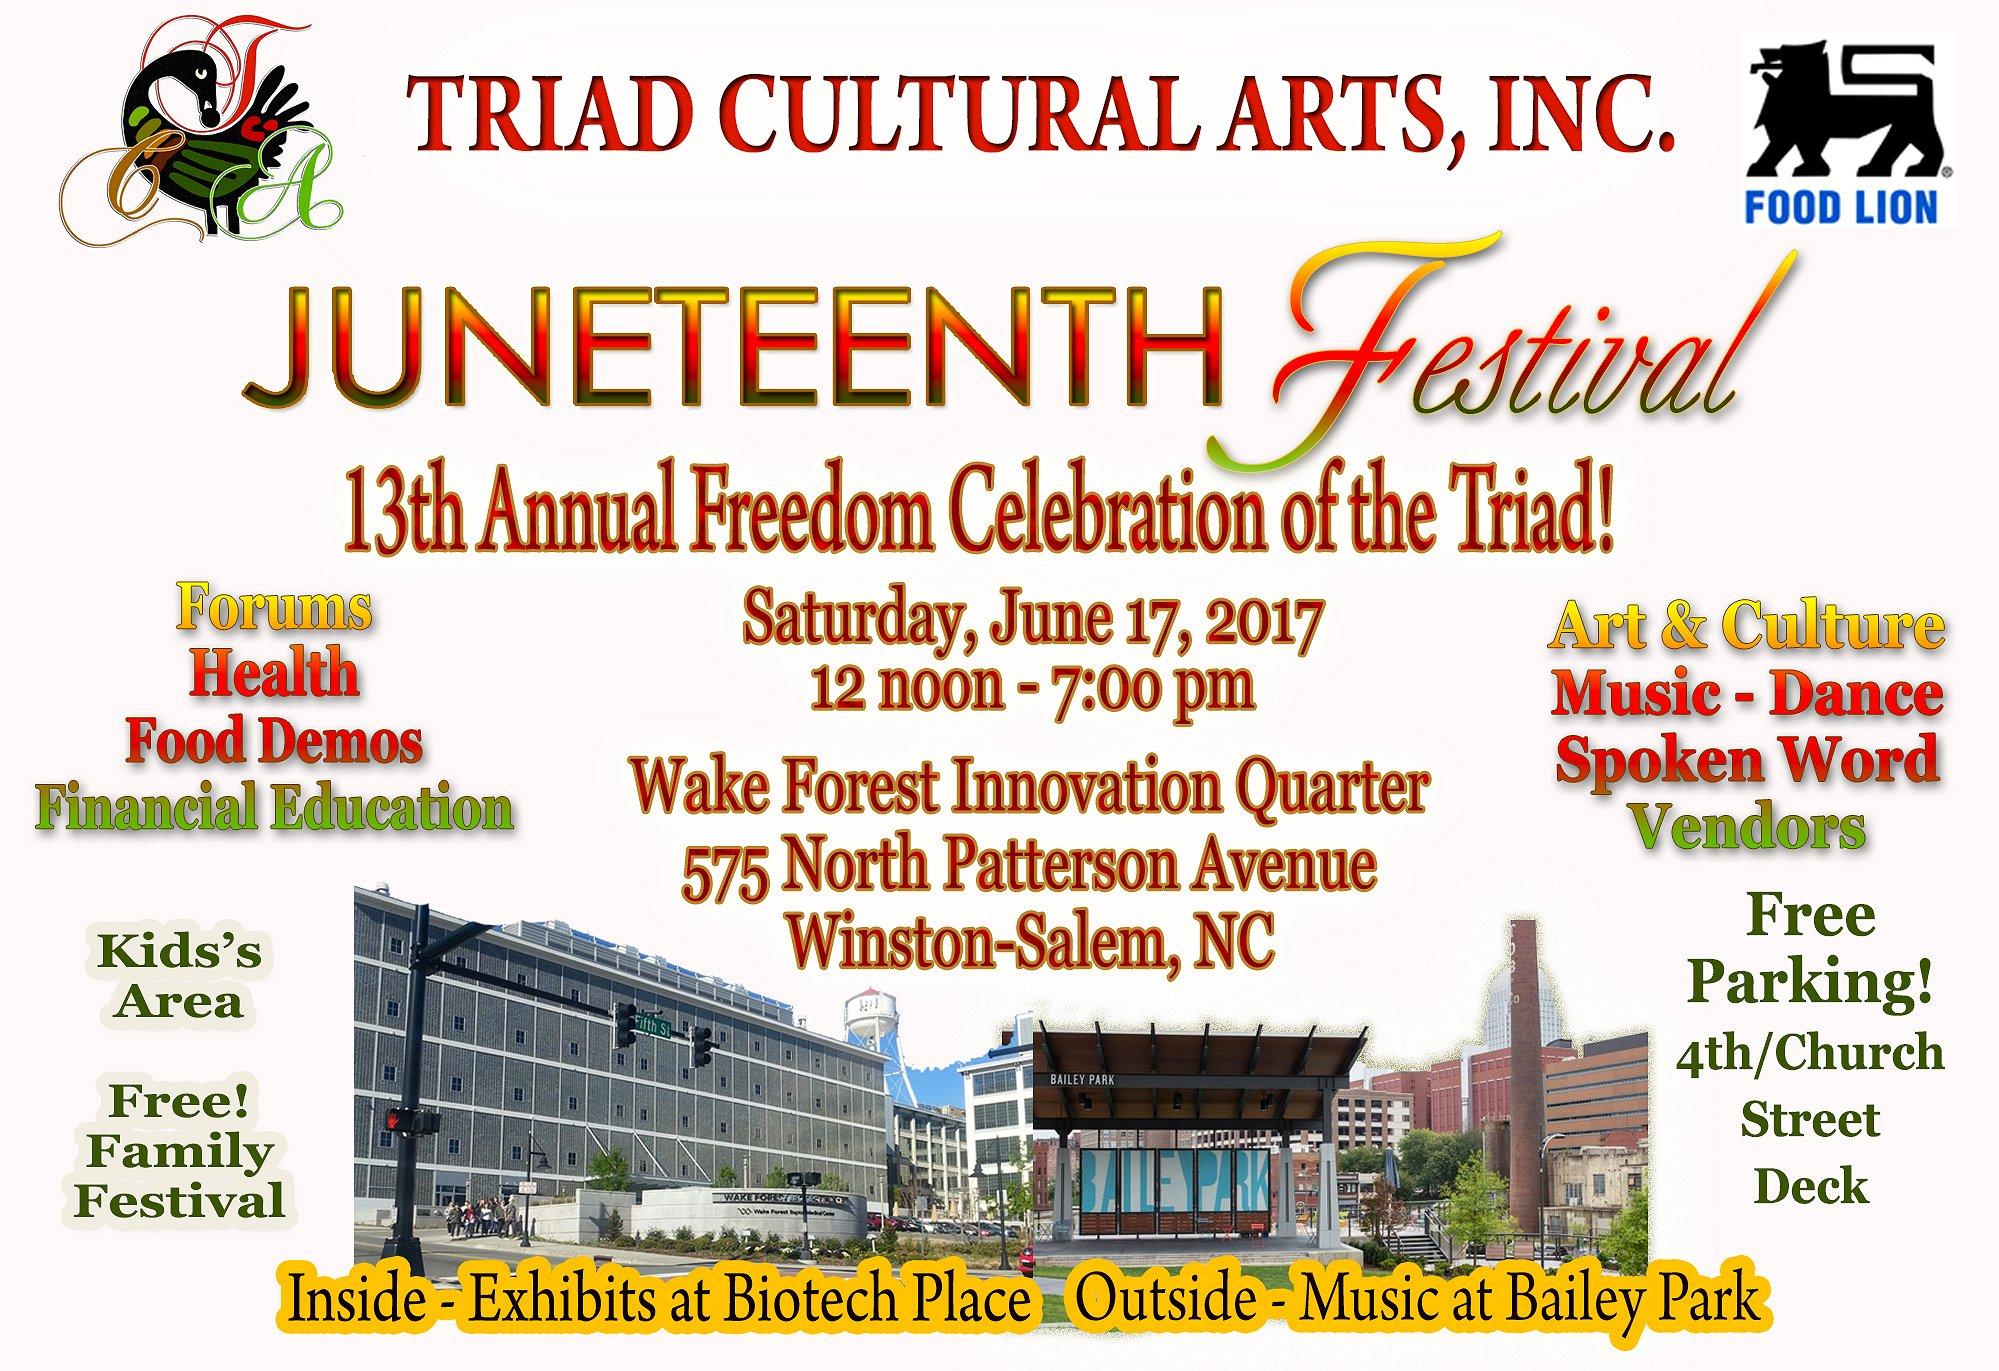 Juneteenth Festival | TCA